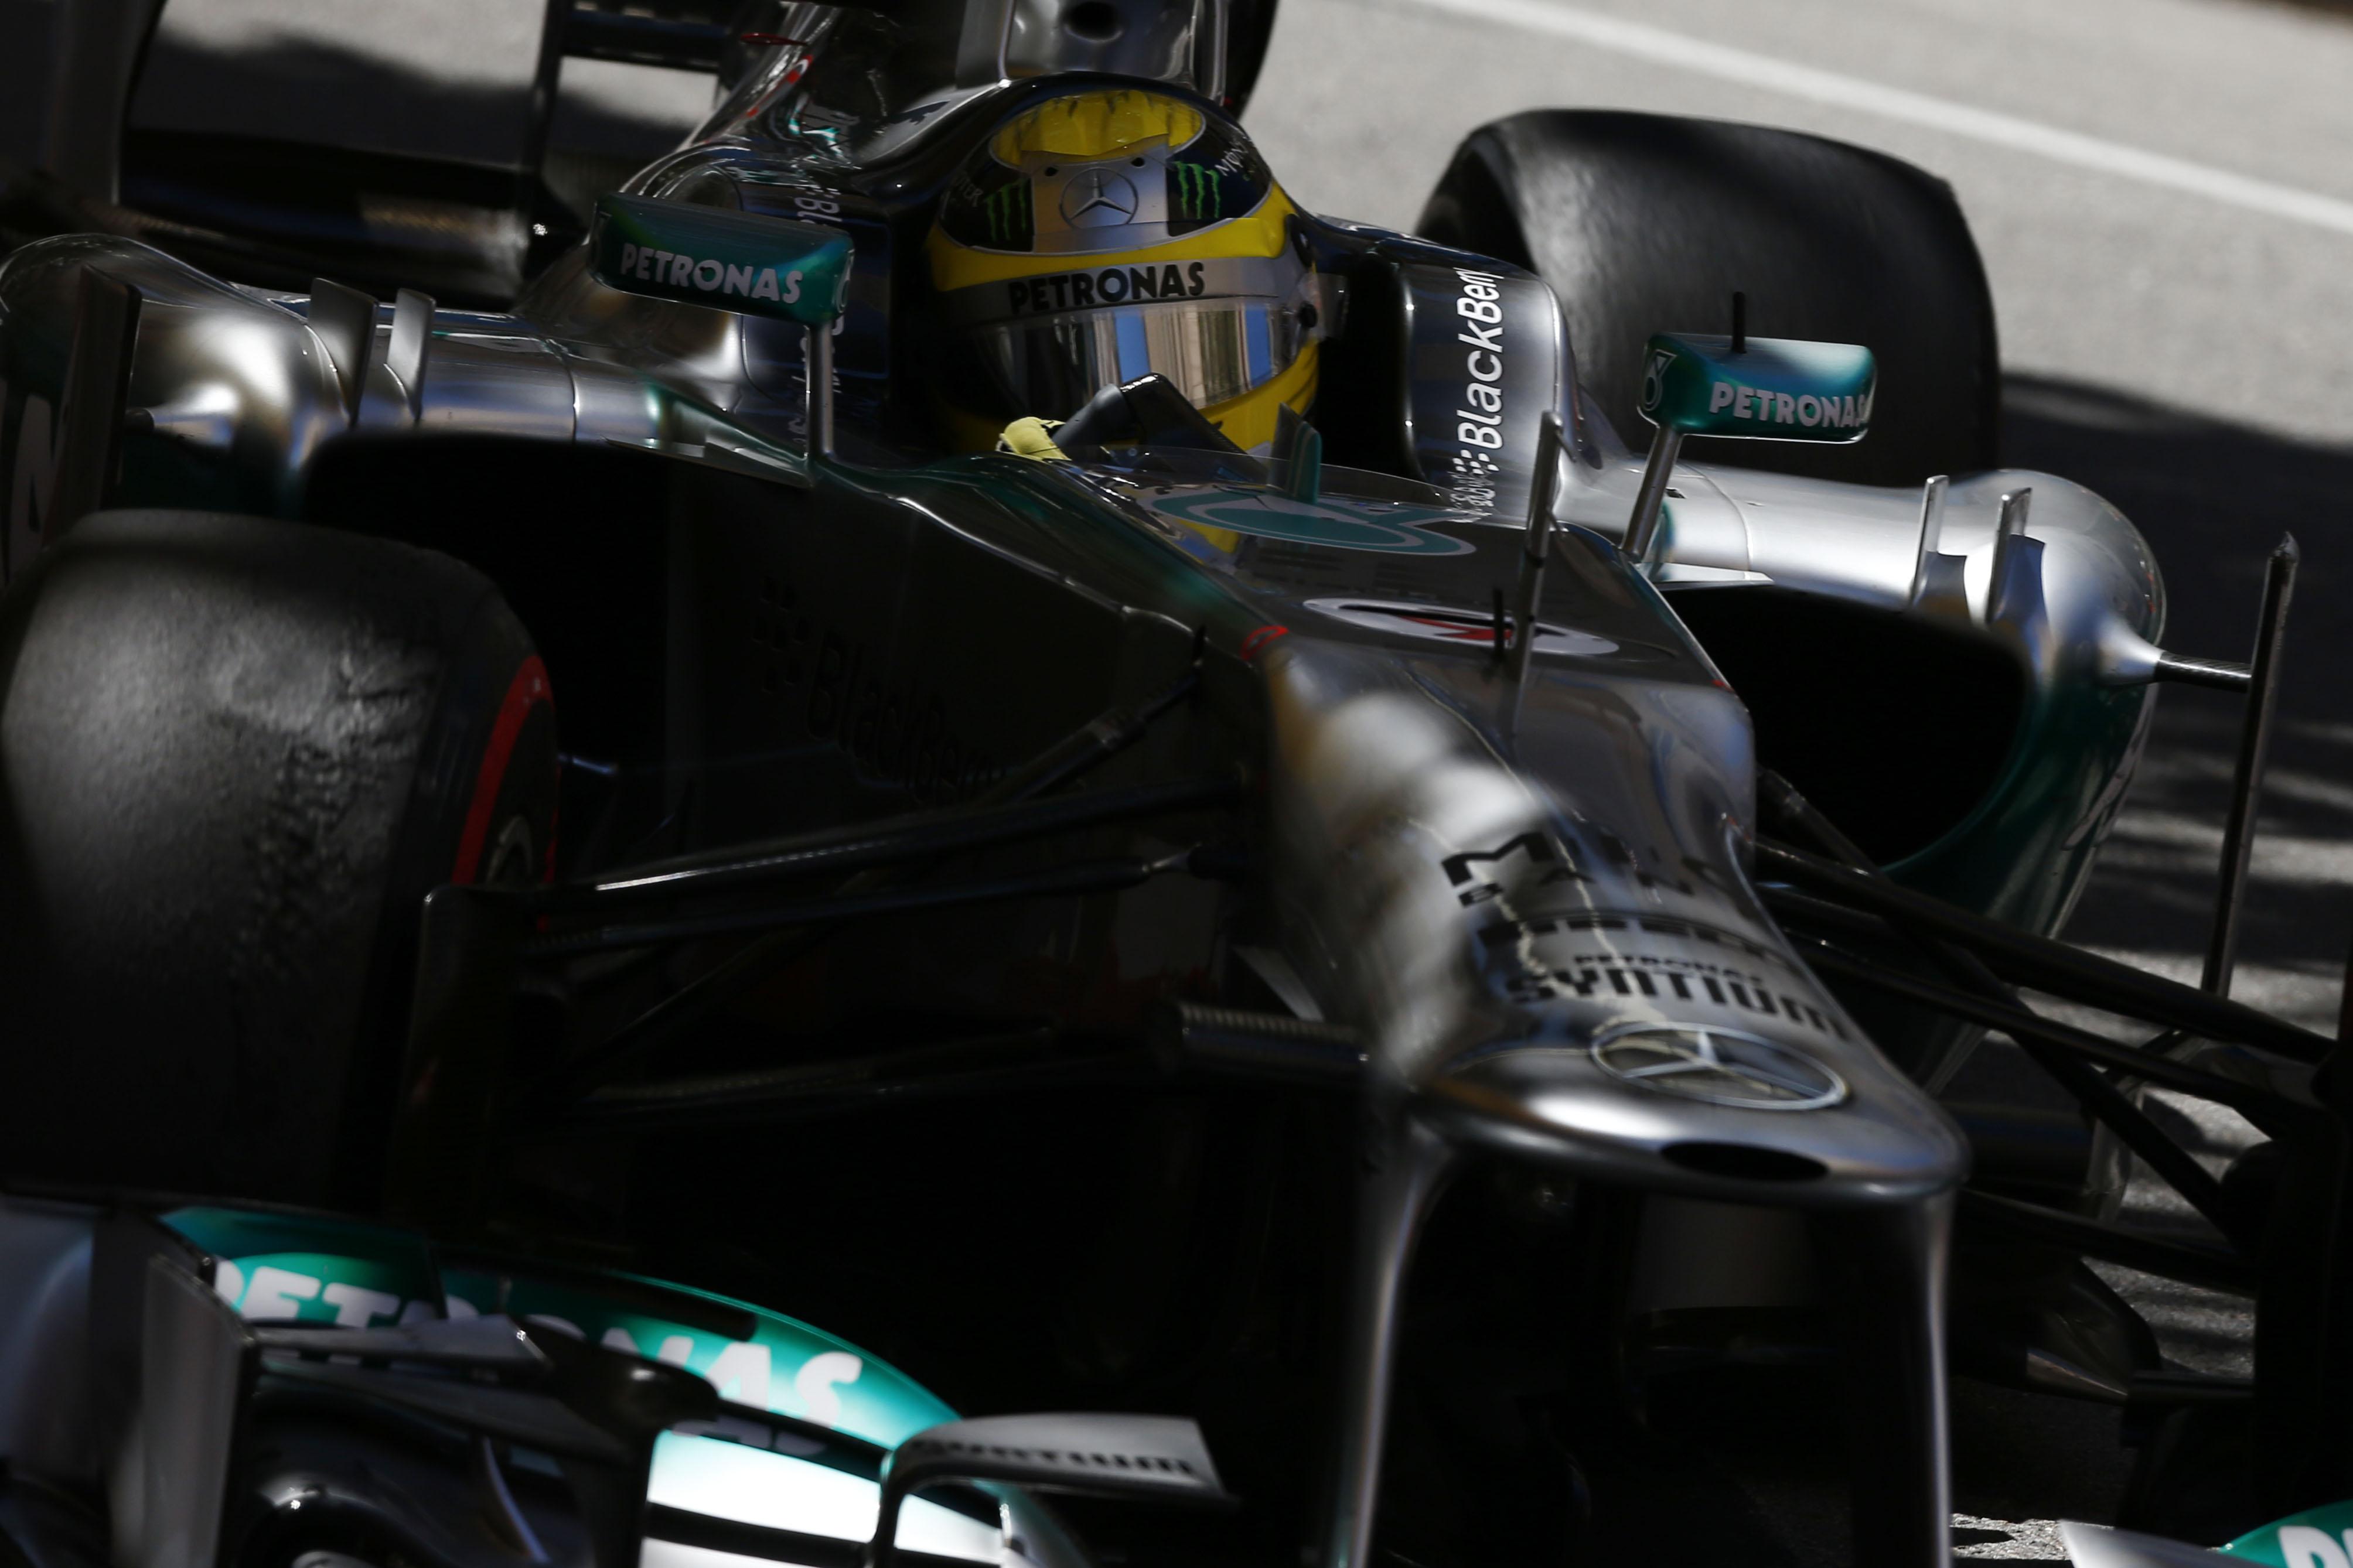 Dopo lo scoppio, stop ai test per la Mercedes